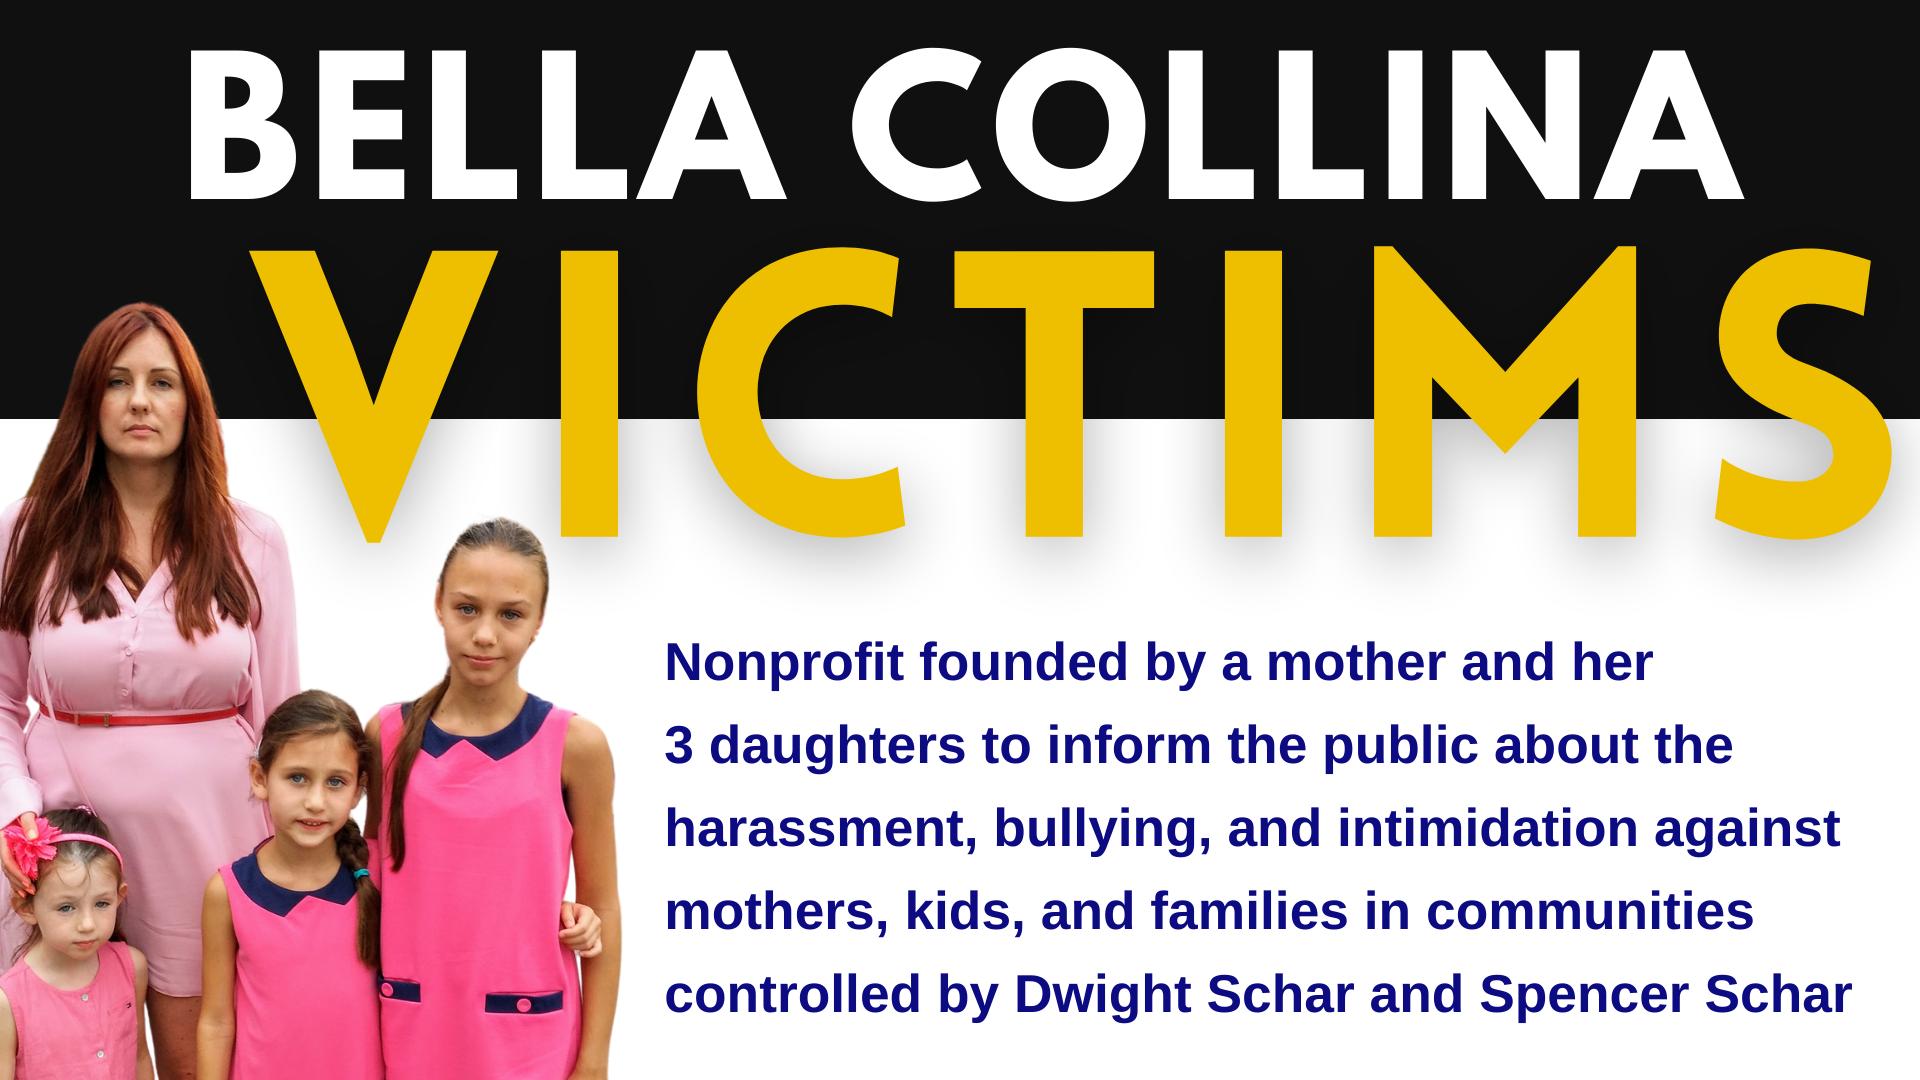 BELLA COLLINA VICTIMS